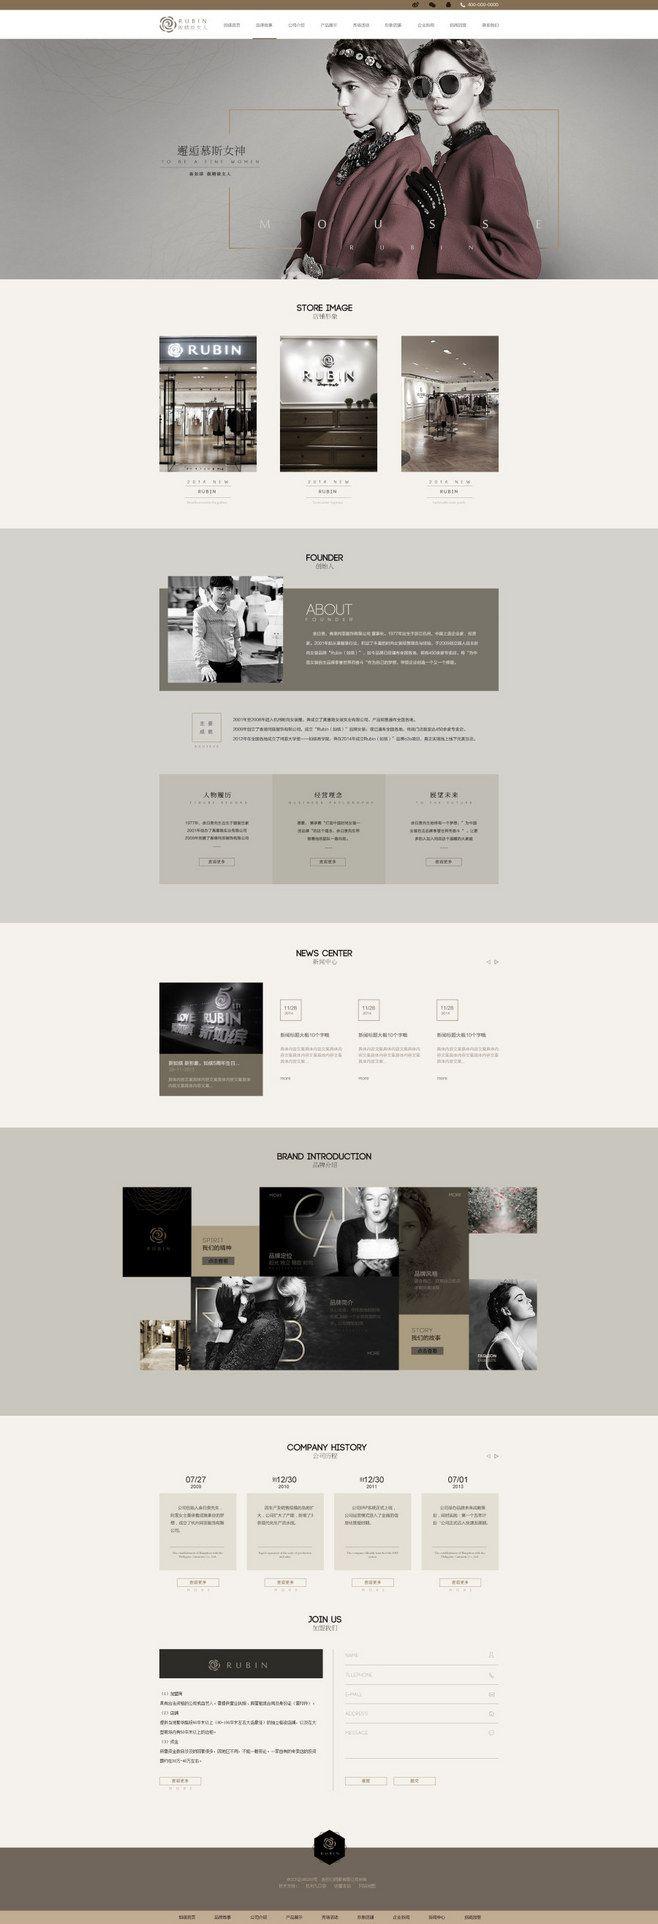 原创作品:如缤女装旗舰店 @e∙Nicko采集到简约时尚的网页设计欣赏(197图)_花瓣UI/UX